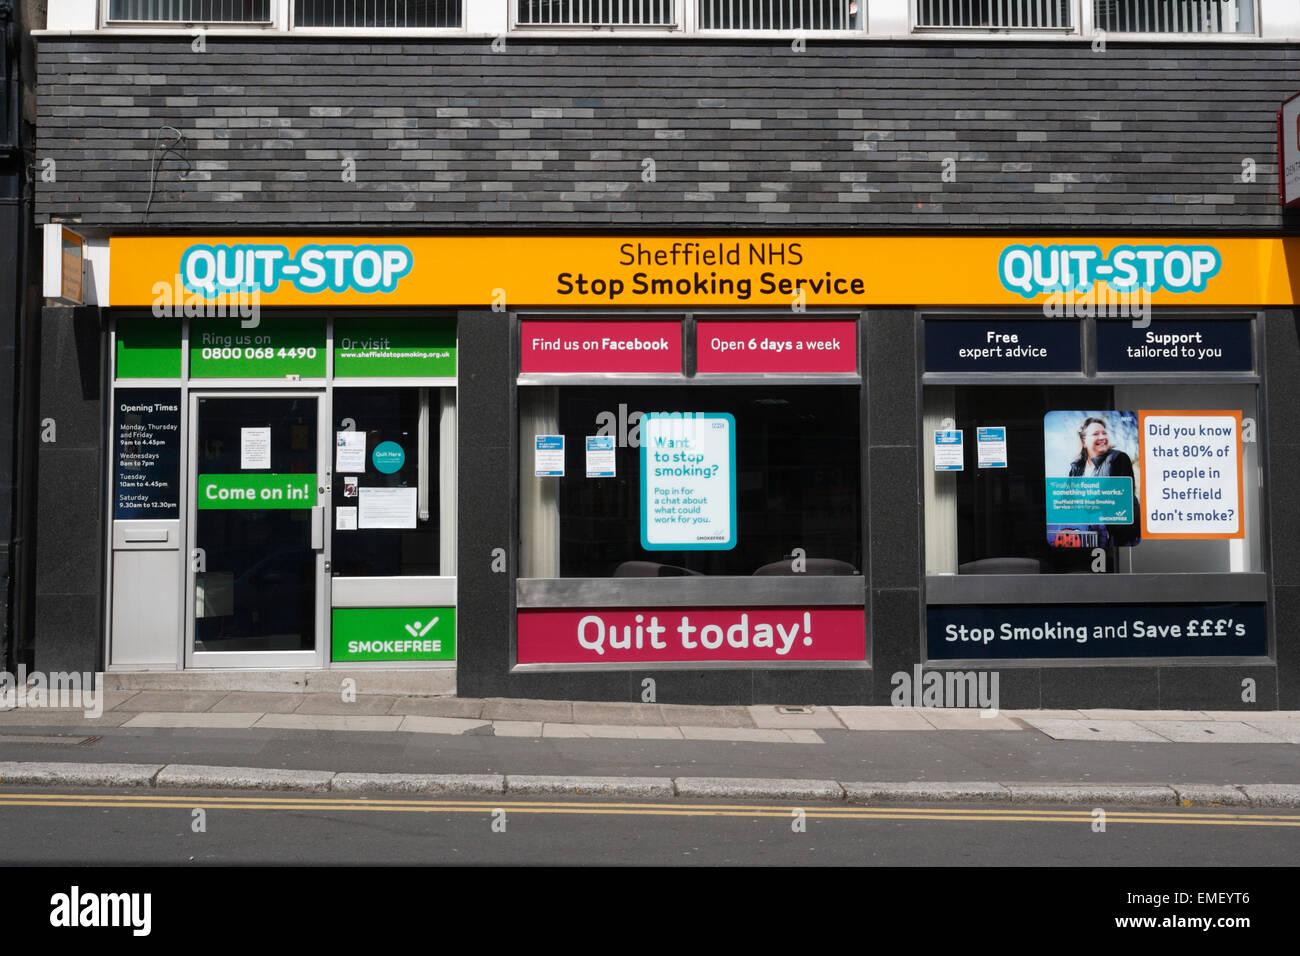 quit-stop-sheffield-nhs-stop-smoking-ser